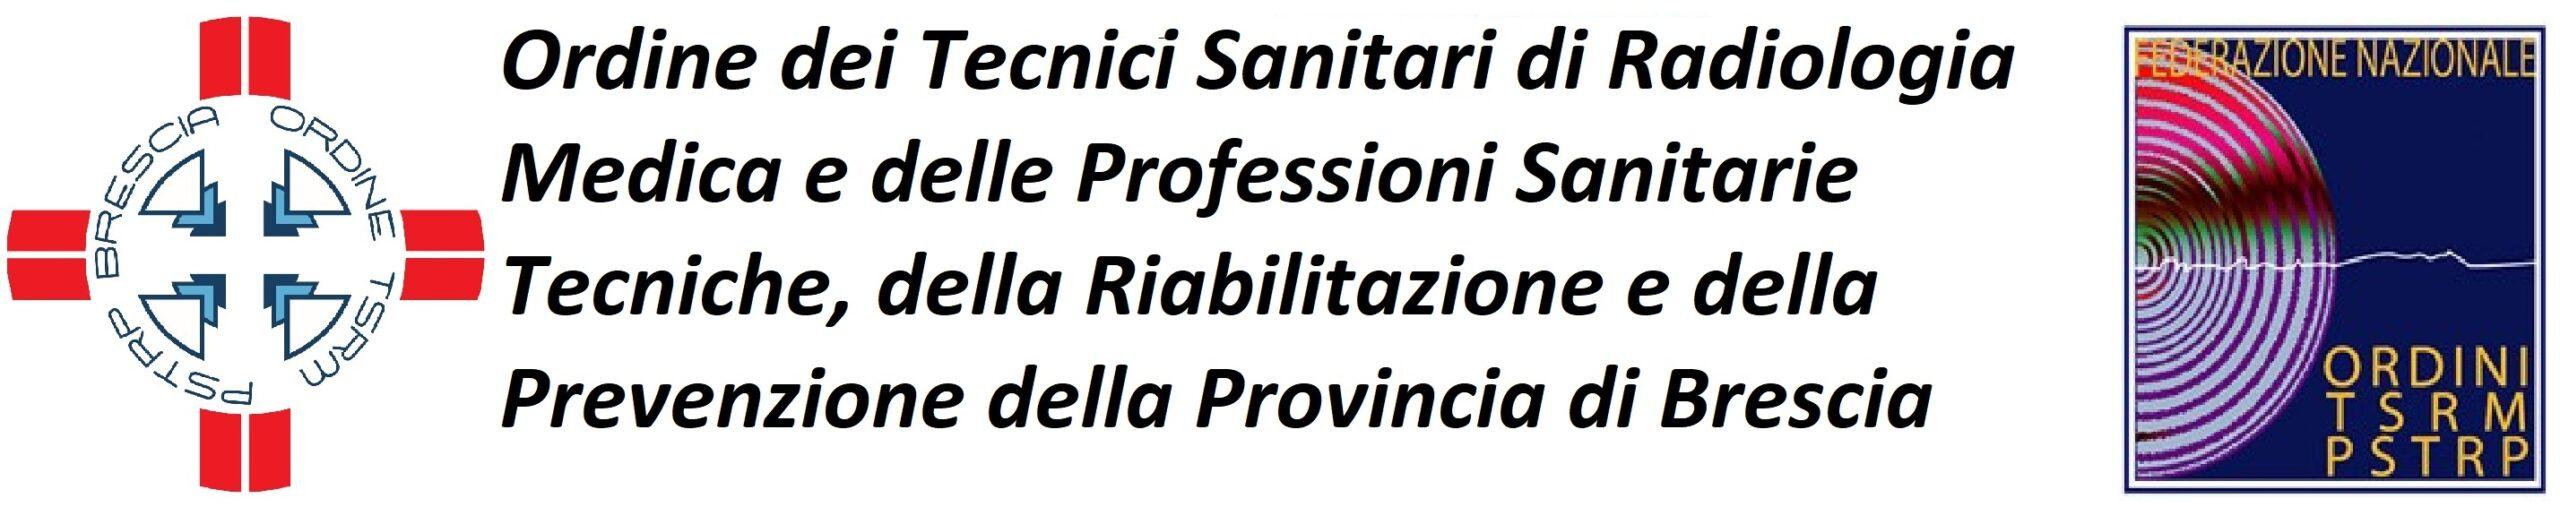 Ordine TSRM PSTRP della Provincia di Brescia